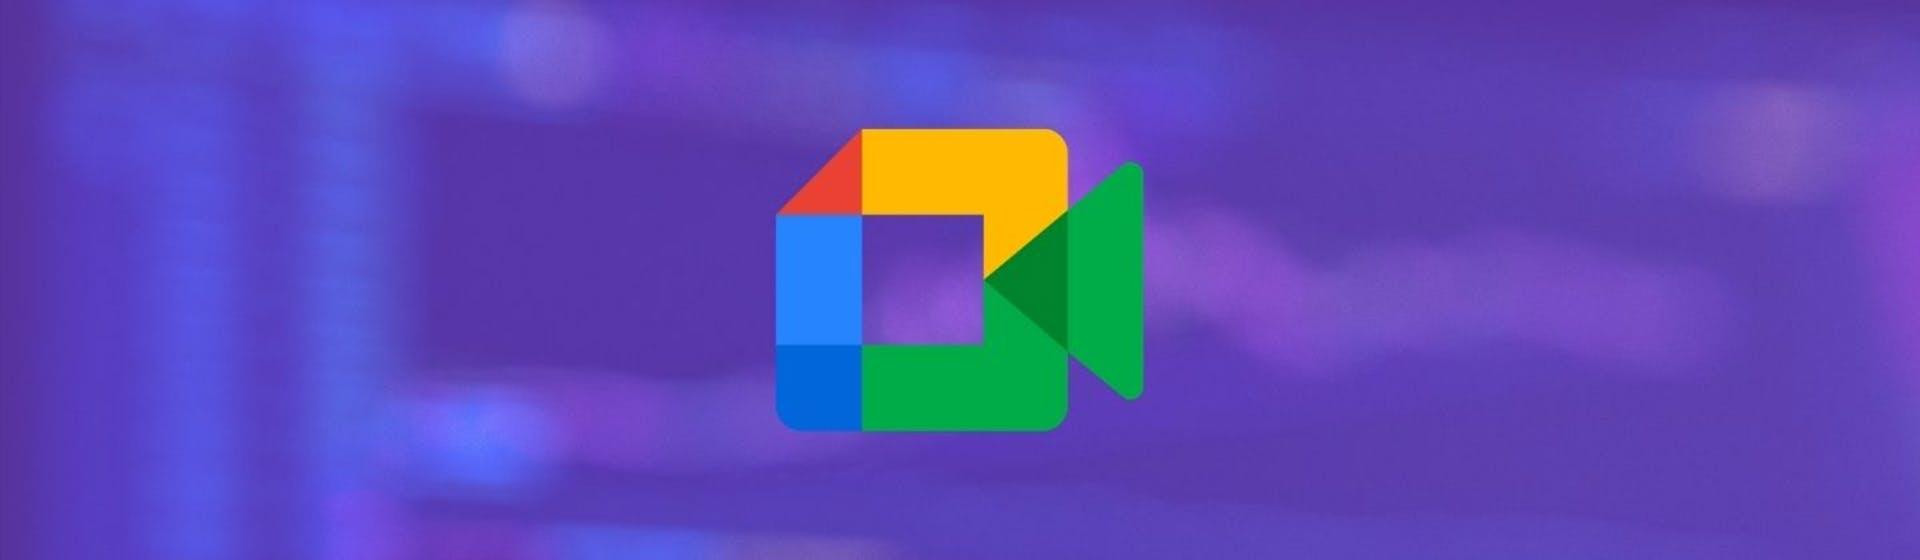 Google Meet renueva el diseño de su interfaz, ¿quieres ver los cambios?